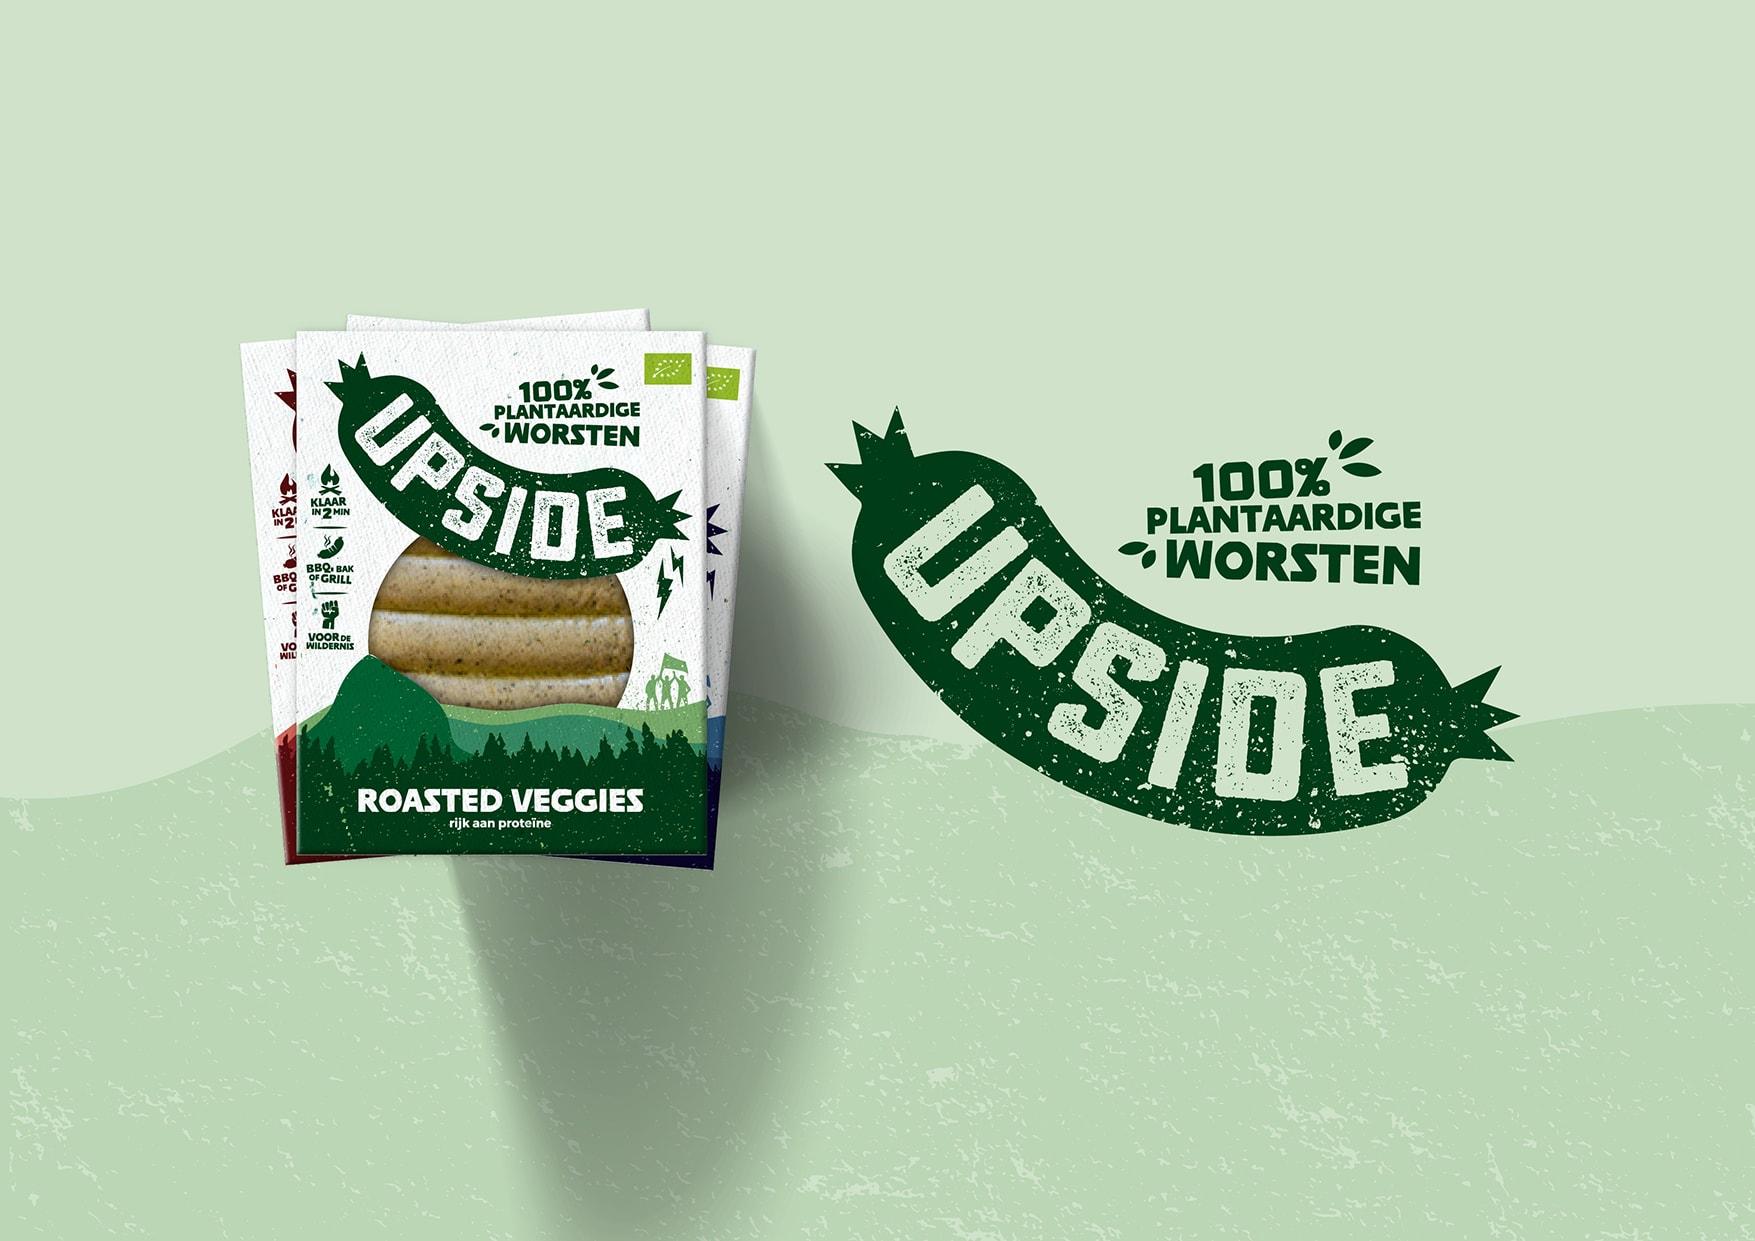 Verpakkingsontwerp van de plantaardige worst Upside